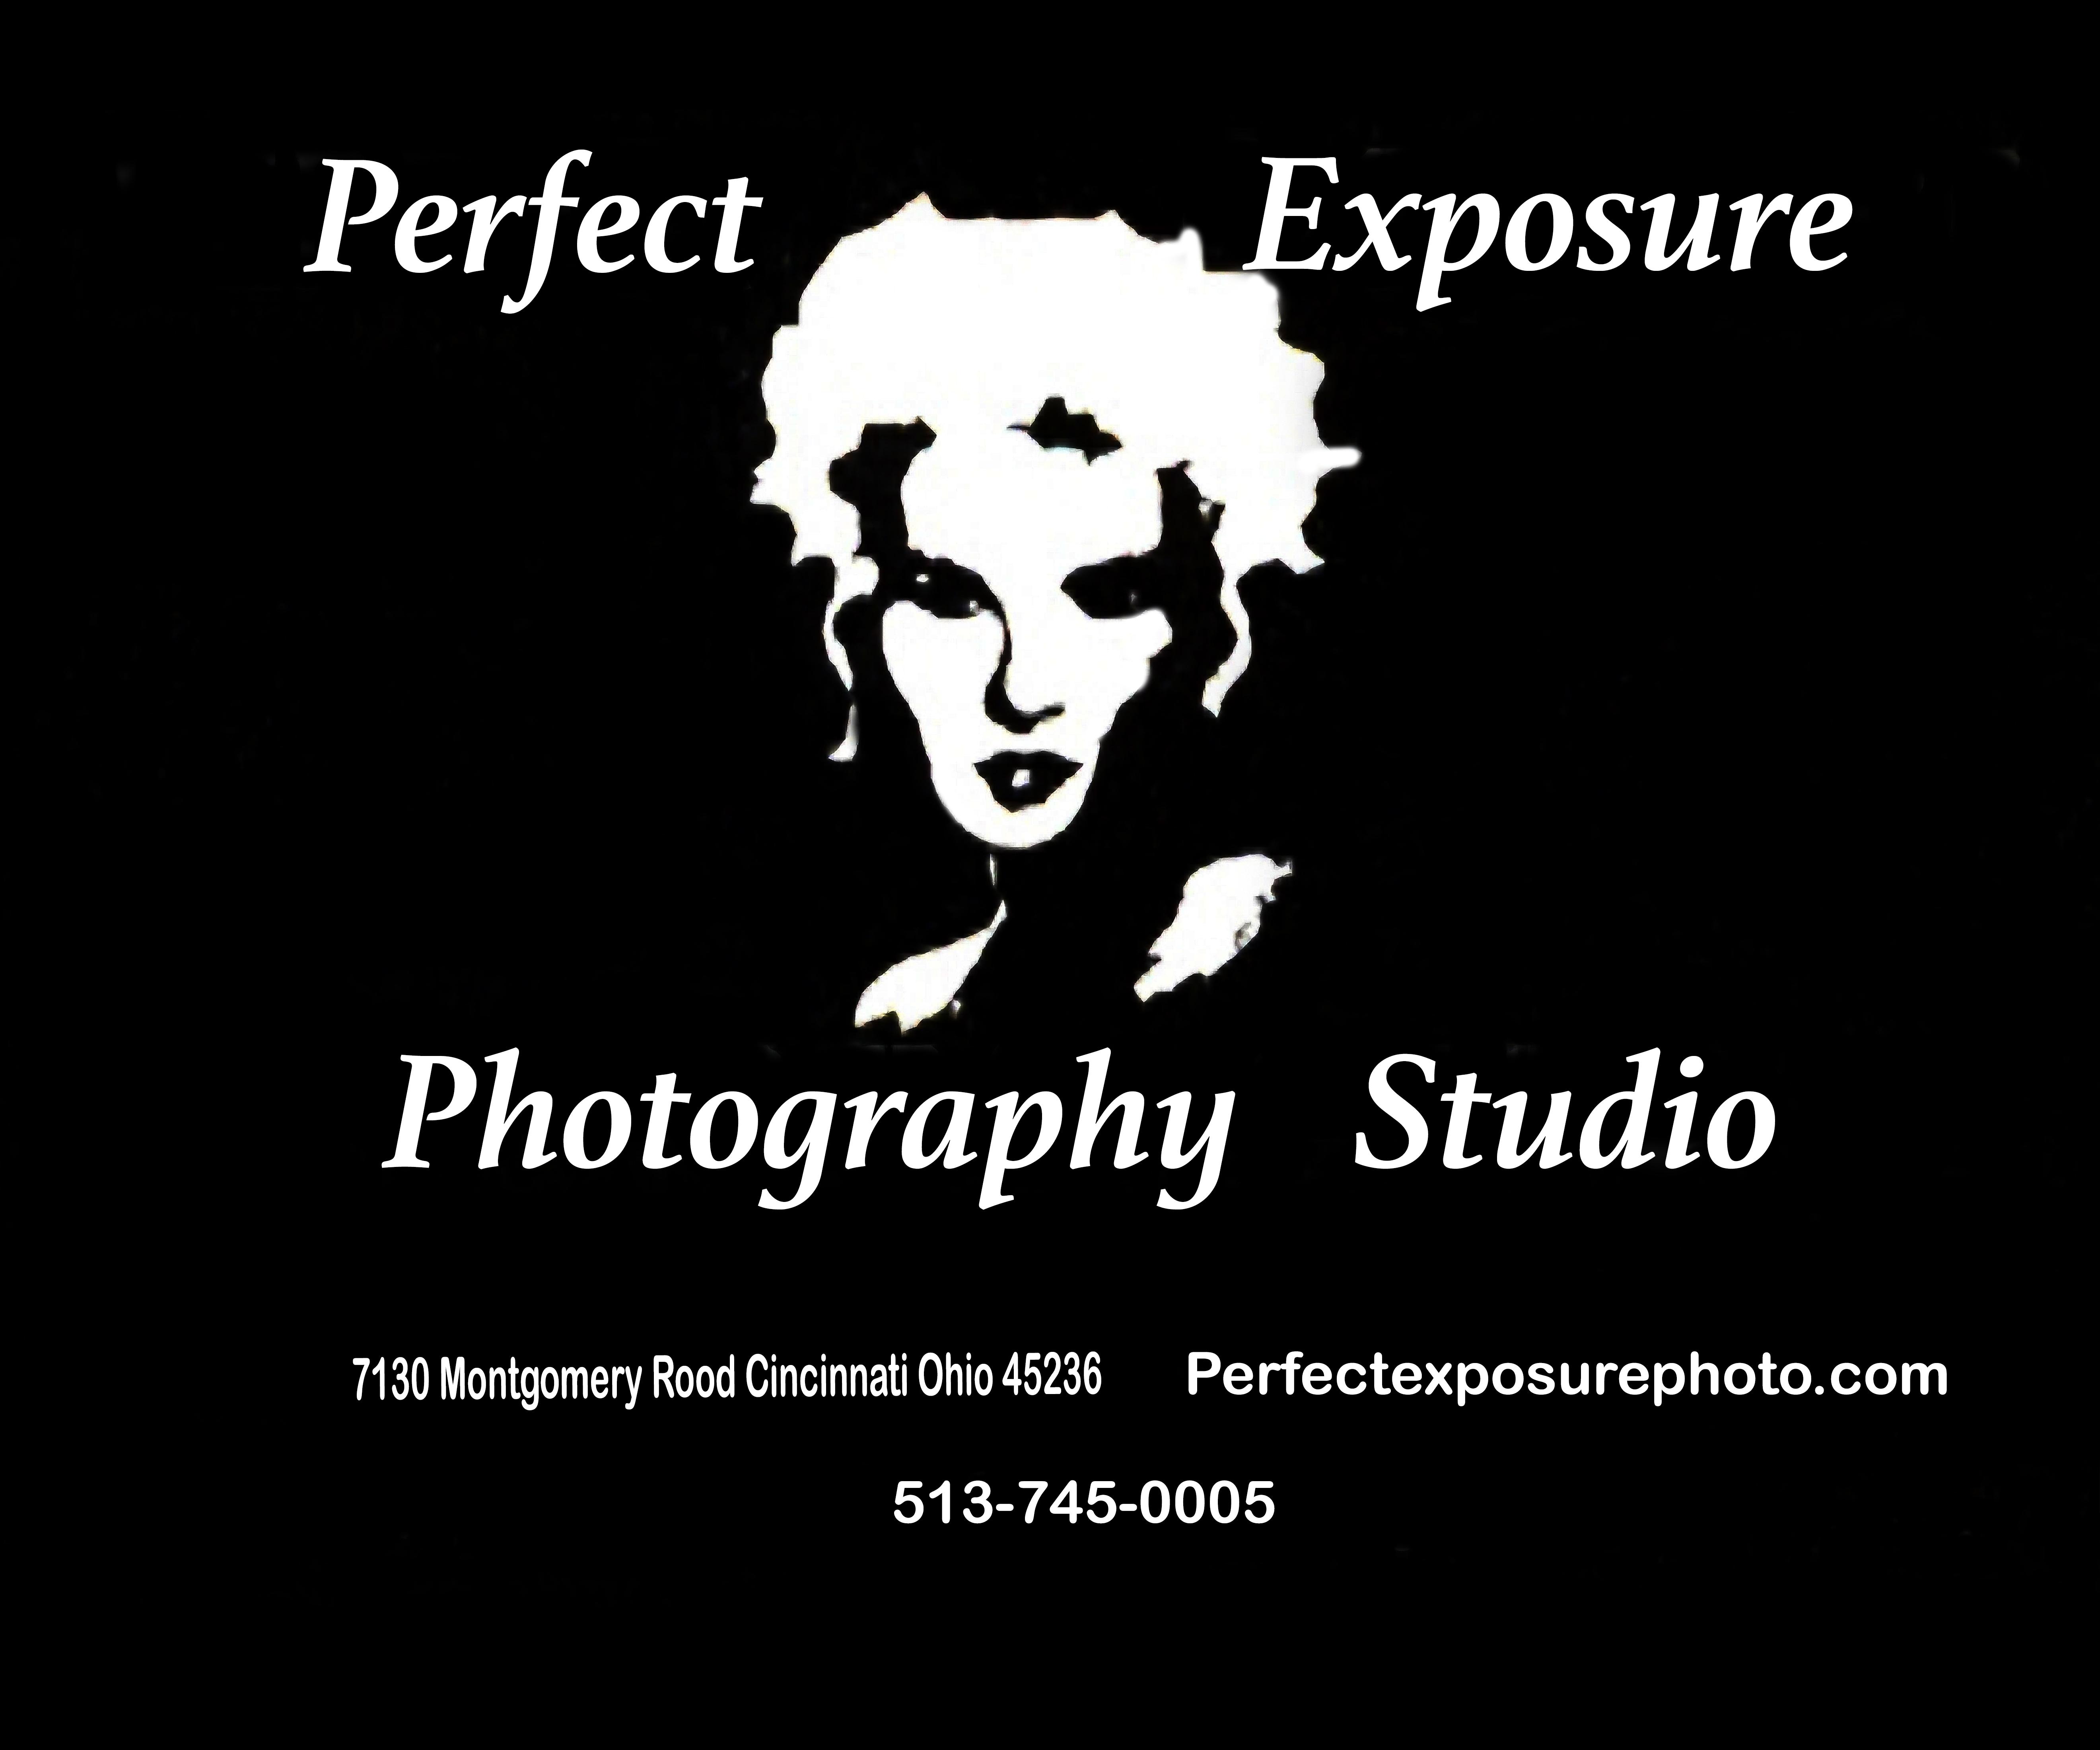 Perfect Exposure Photography Studio